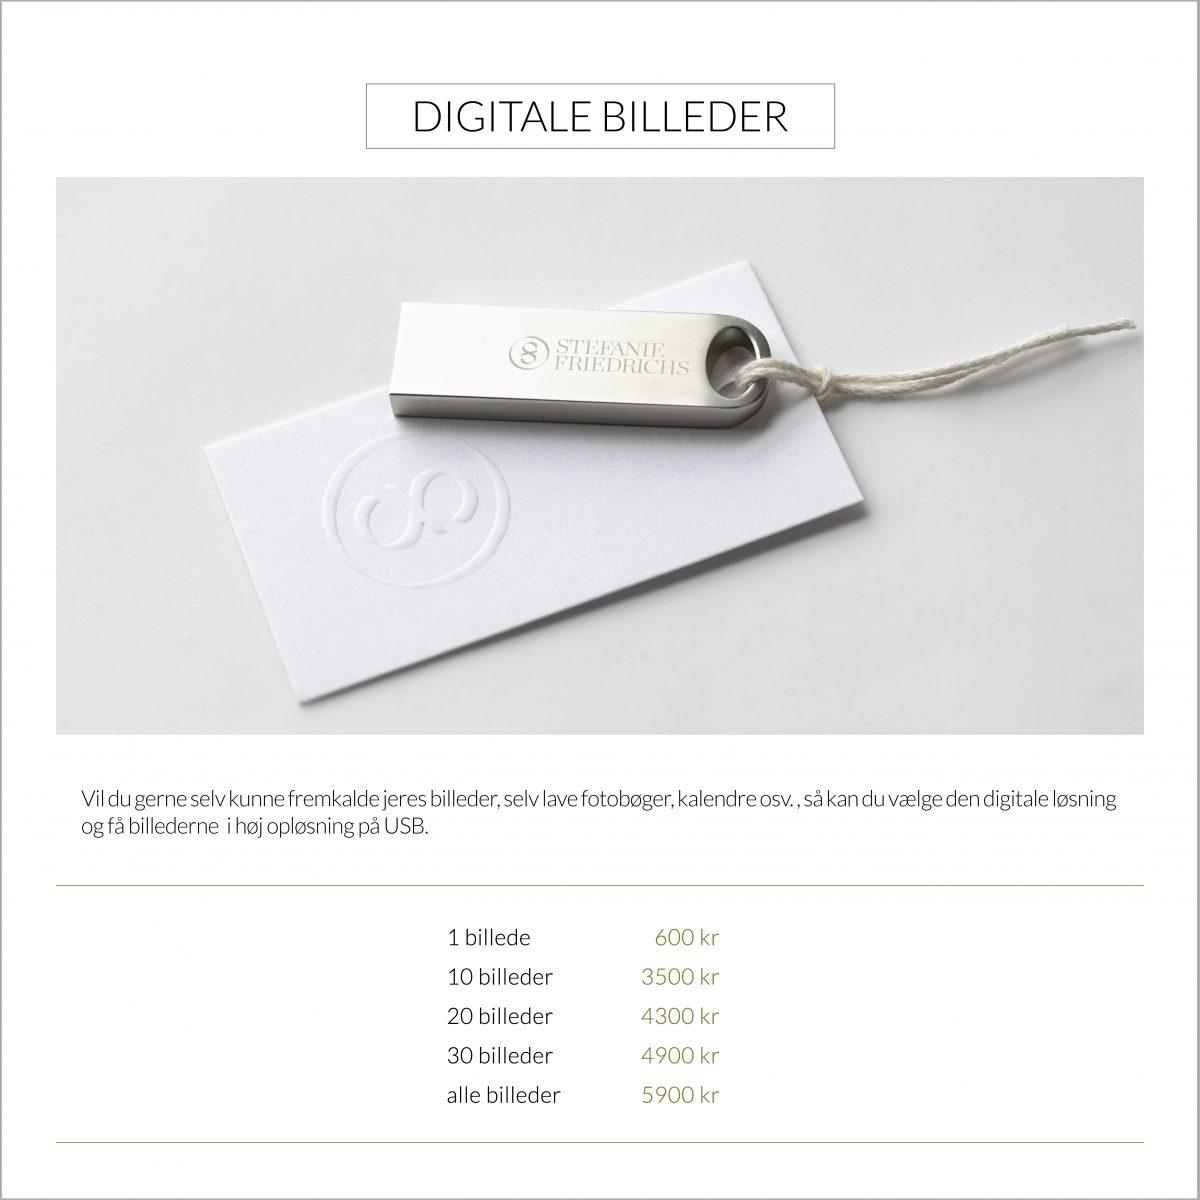 Vil du gerne selv kunne fremkalde jeres billeder, selv lave fotobøger, kalendre osv. , så kan du vælge den digitale løsning og få billederne  i høj opløsning på USB.